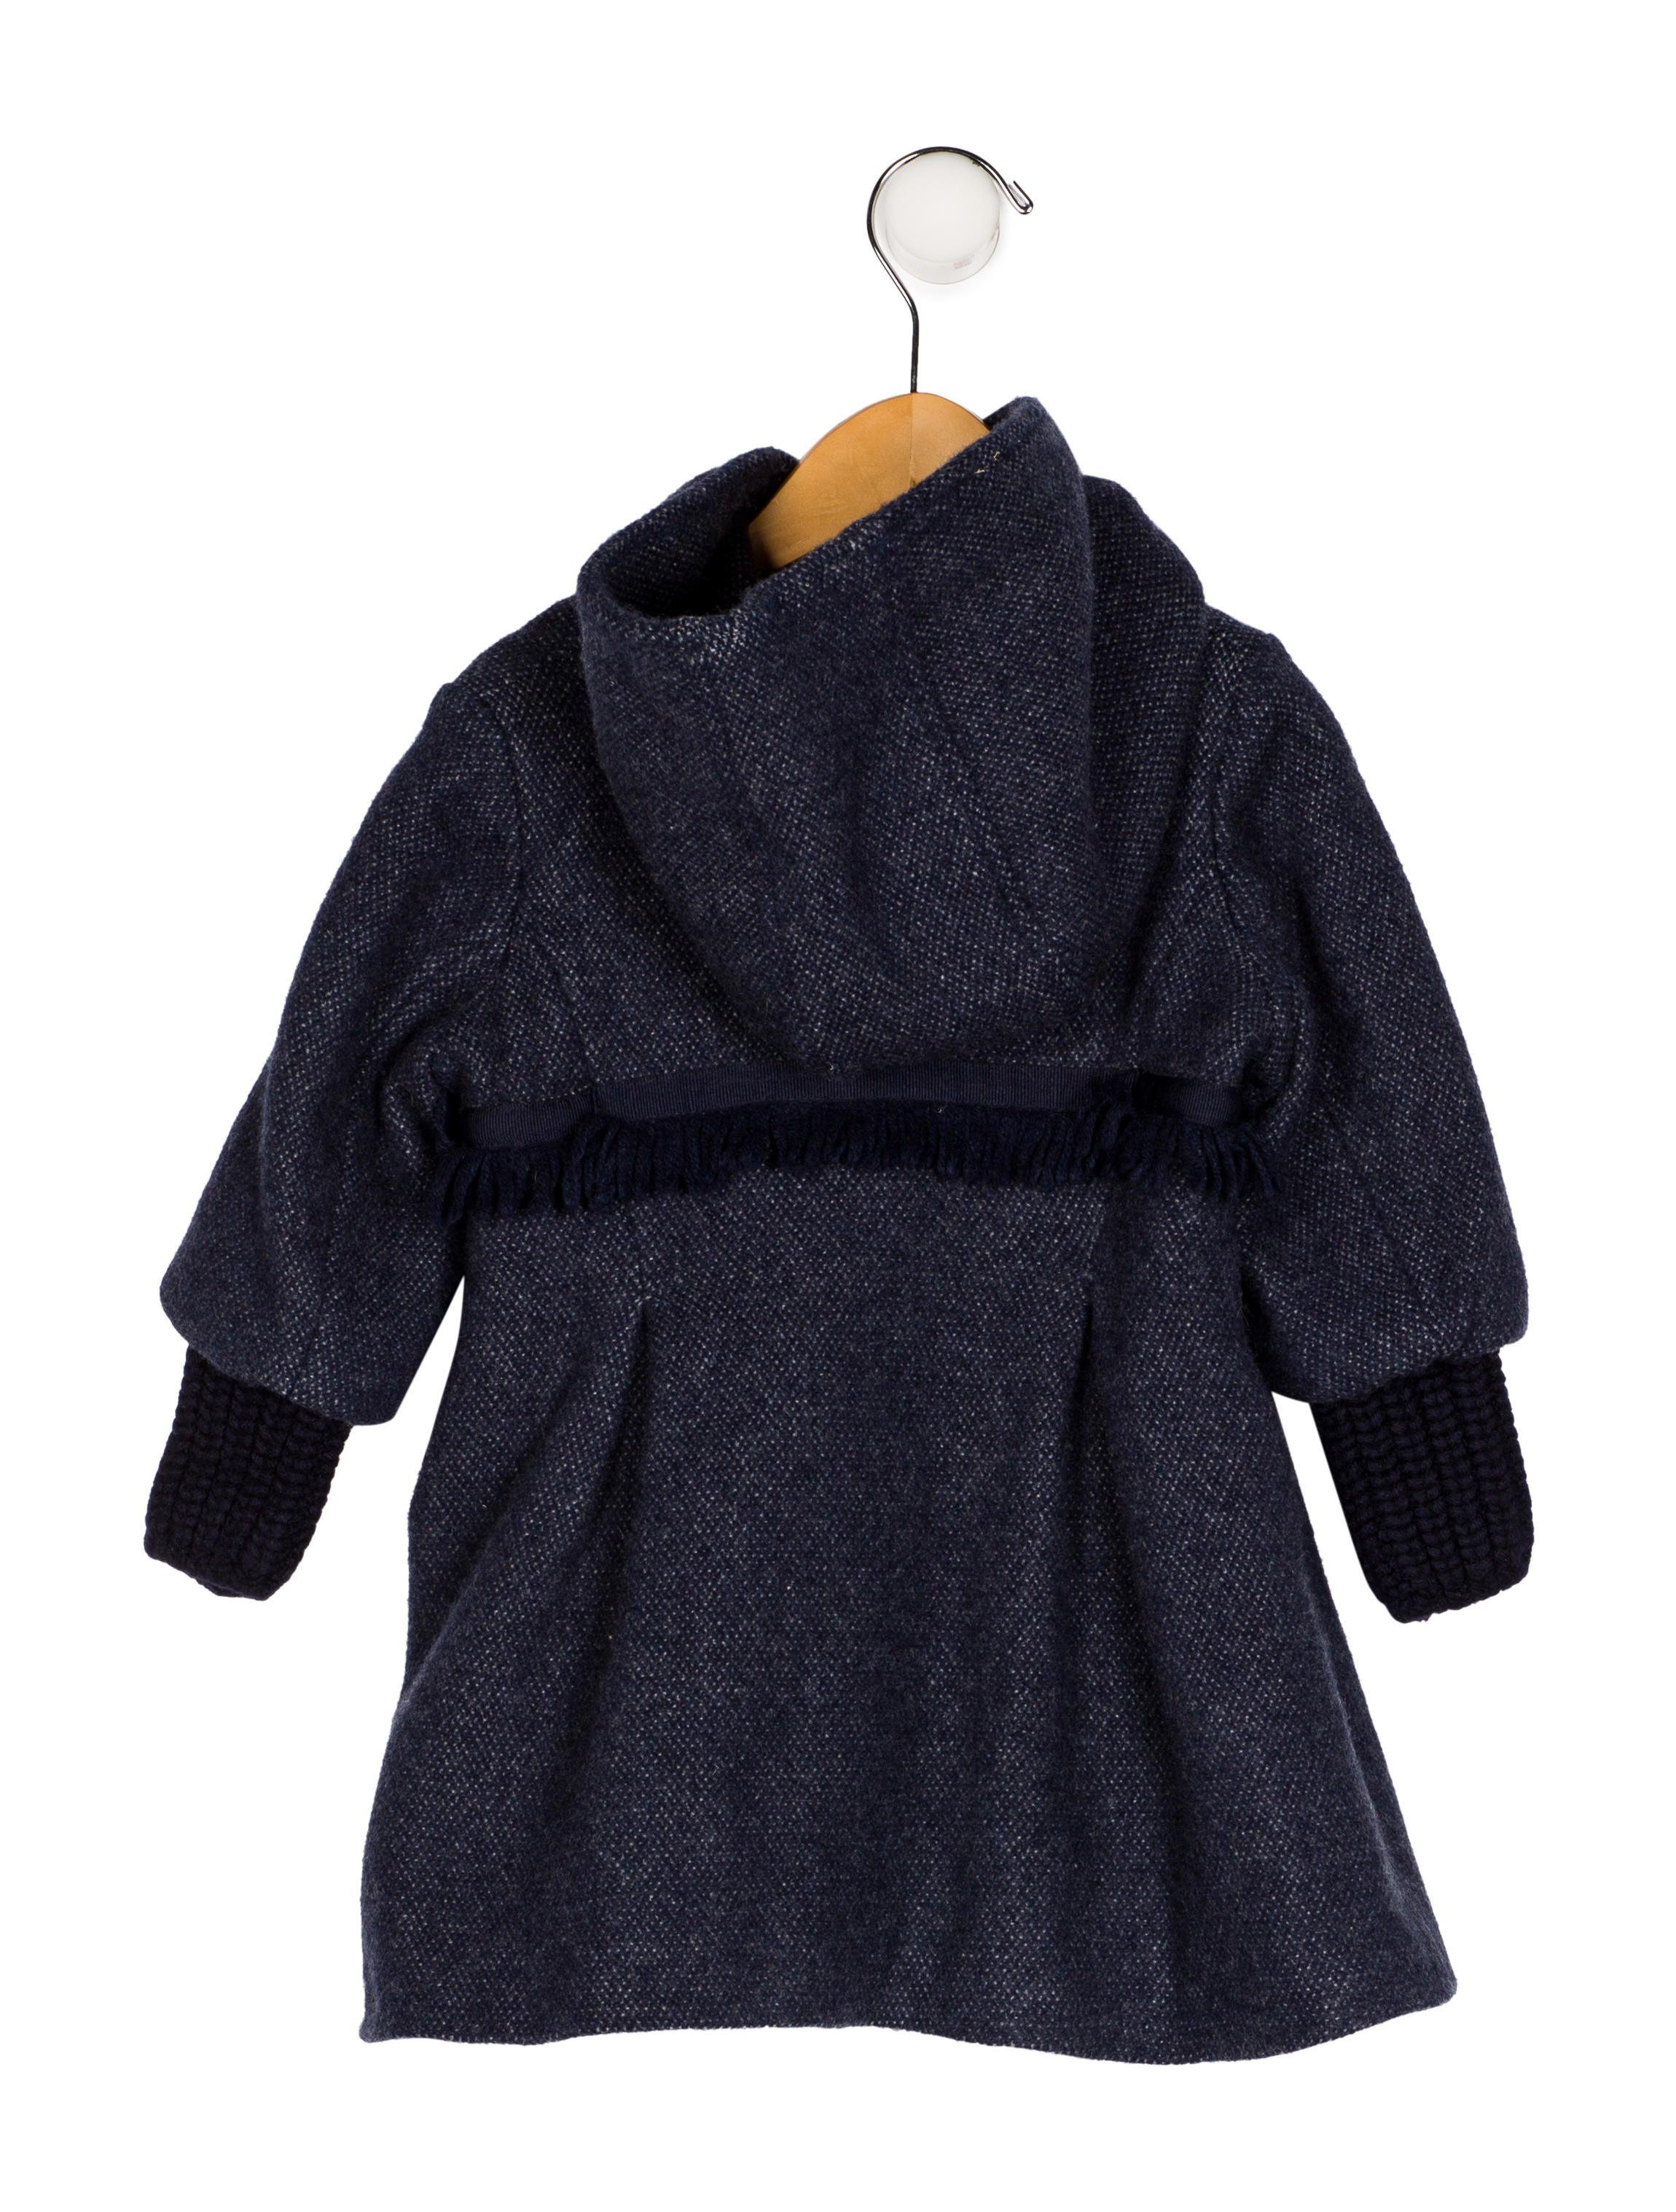 90eff50270653 Ermanno Scervino Girls  Hooded Fringe-Trimmed Coat - Girls ...